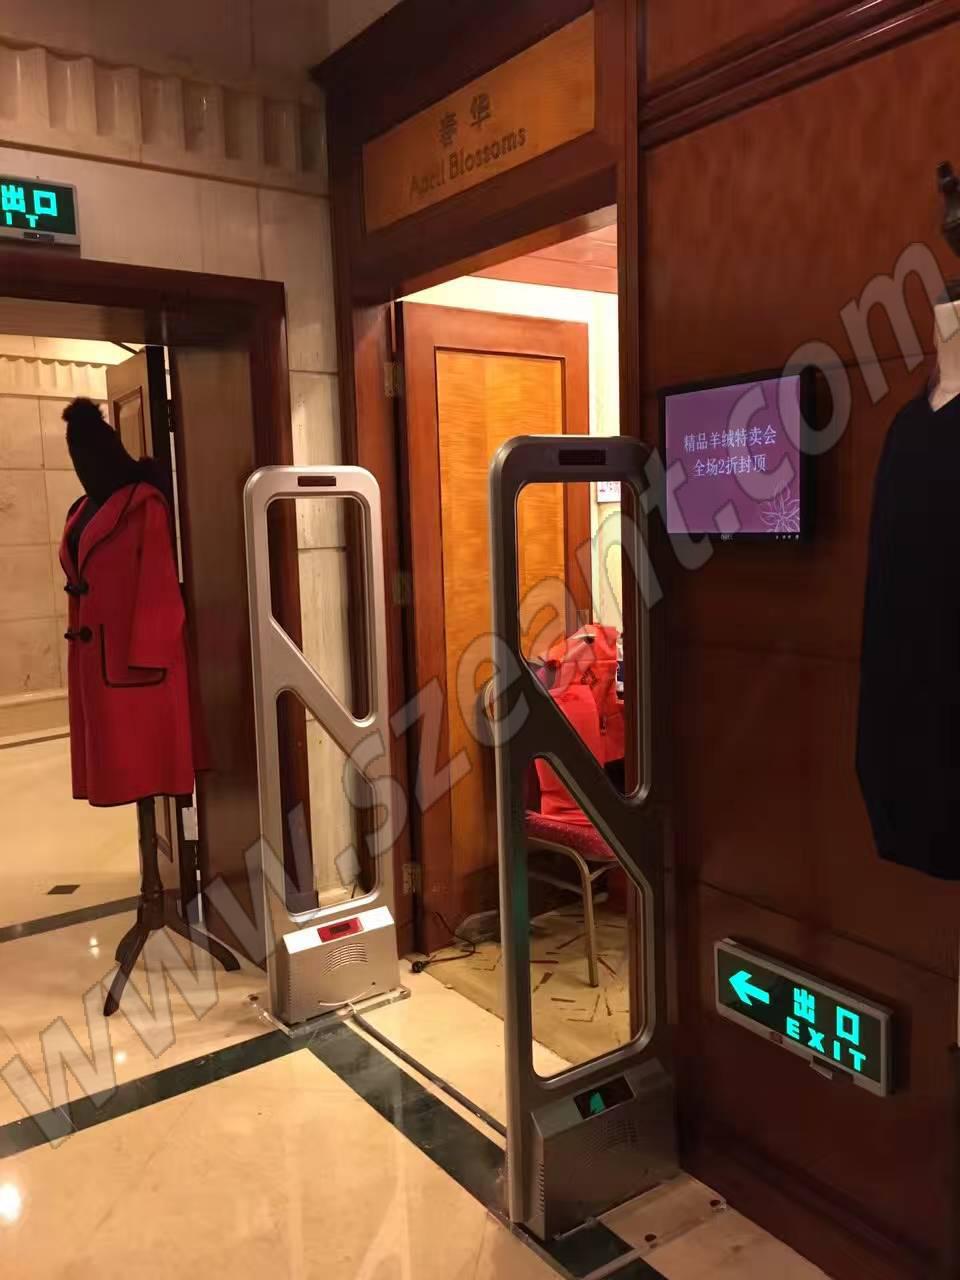 深圳华强北圣庭苑卖场安装服装防盗器